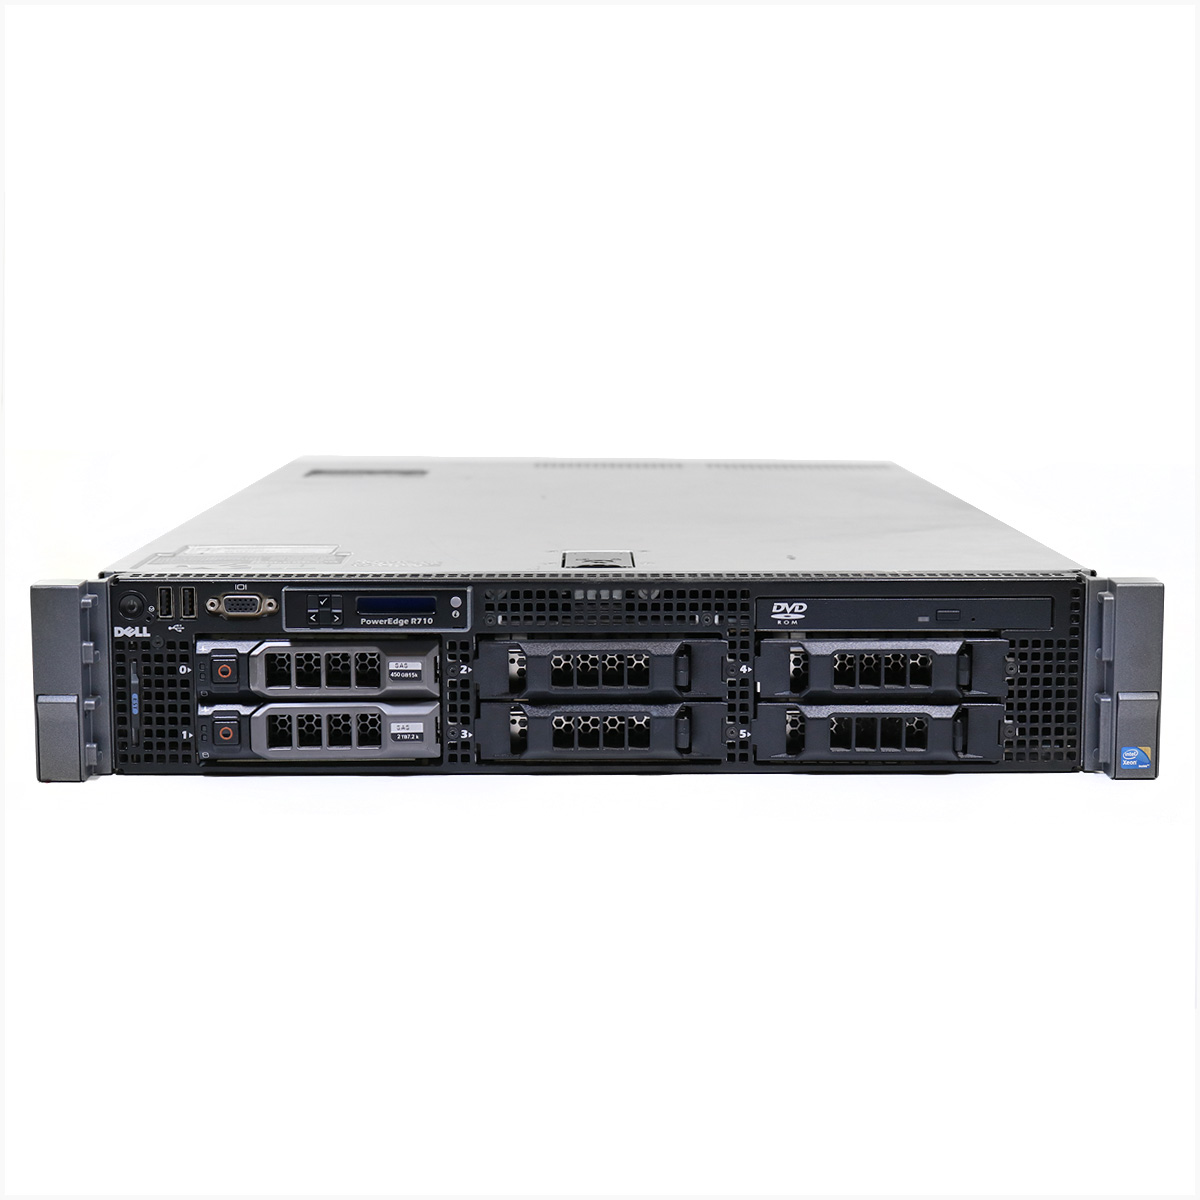 Servidor dell r710 xeon e5620 64gb 2x 1tb - usado